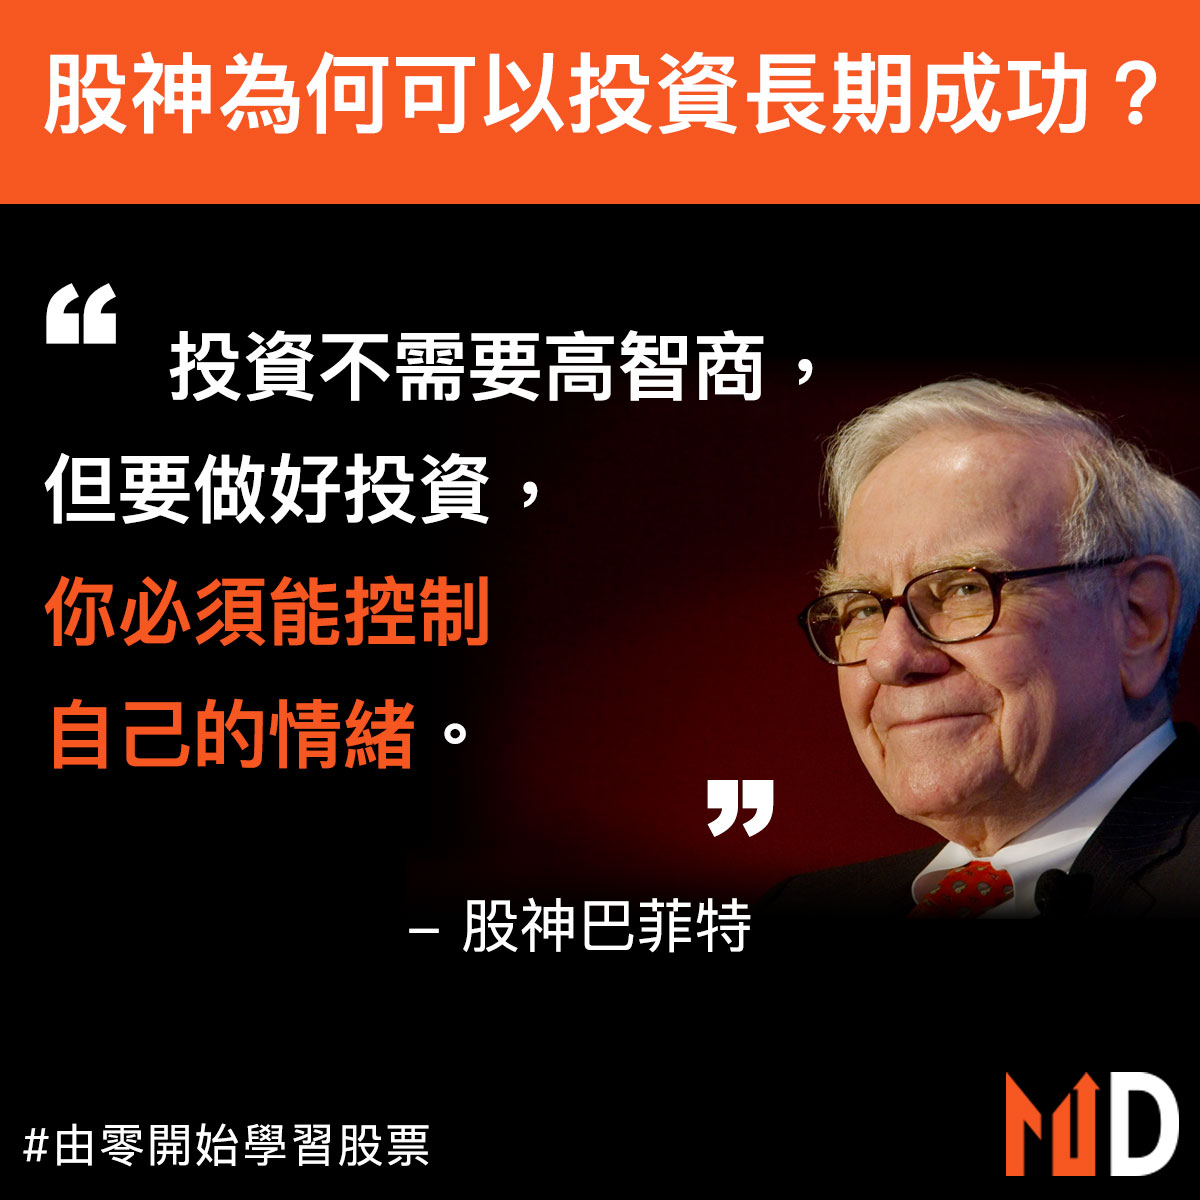 【由零開始學習股票】股神為何可以投資長期成功?